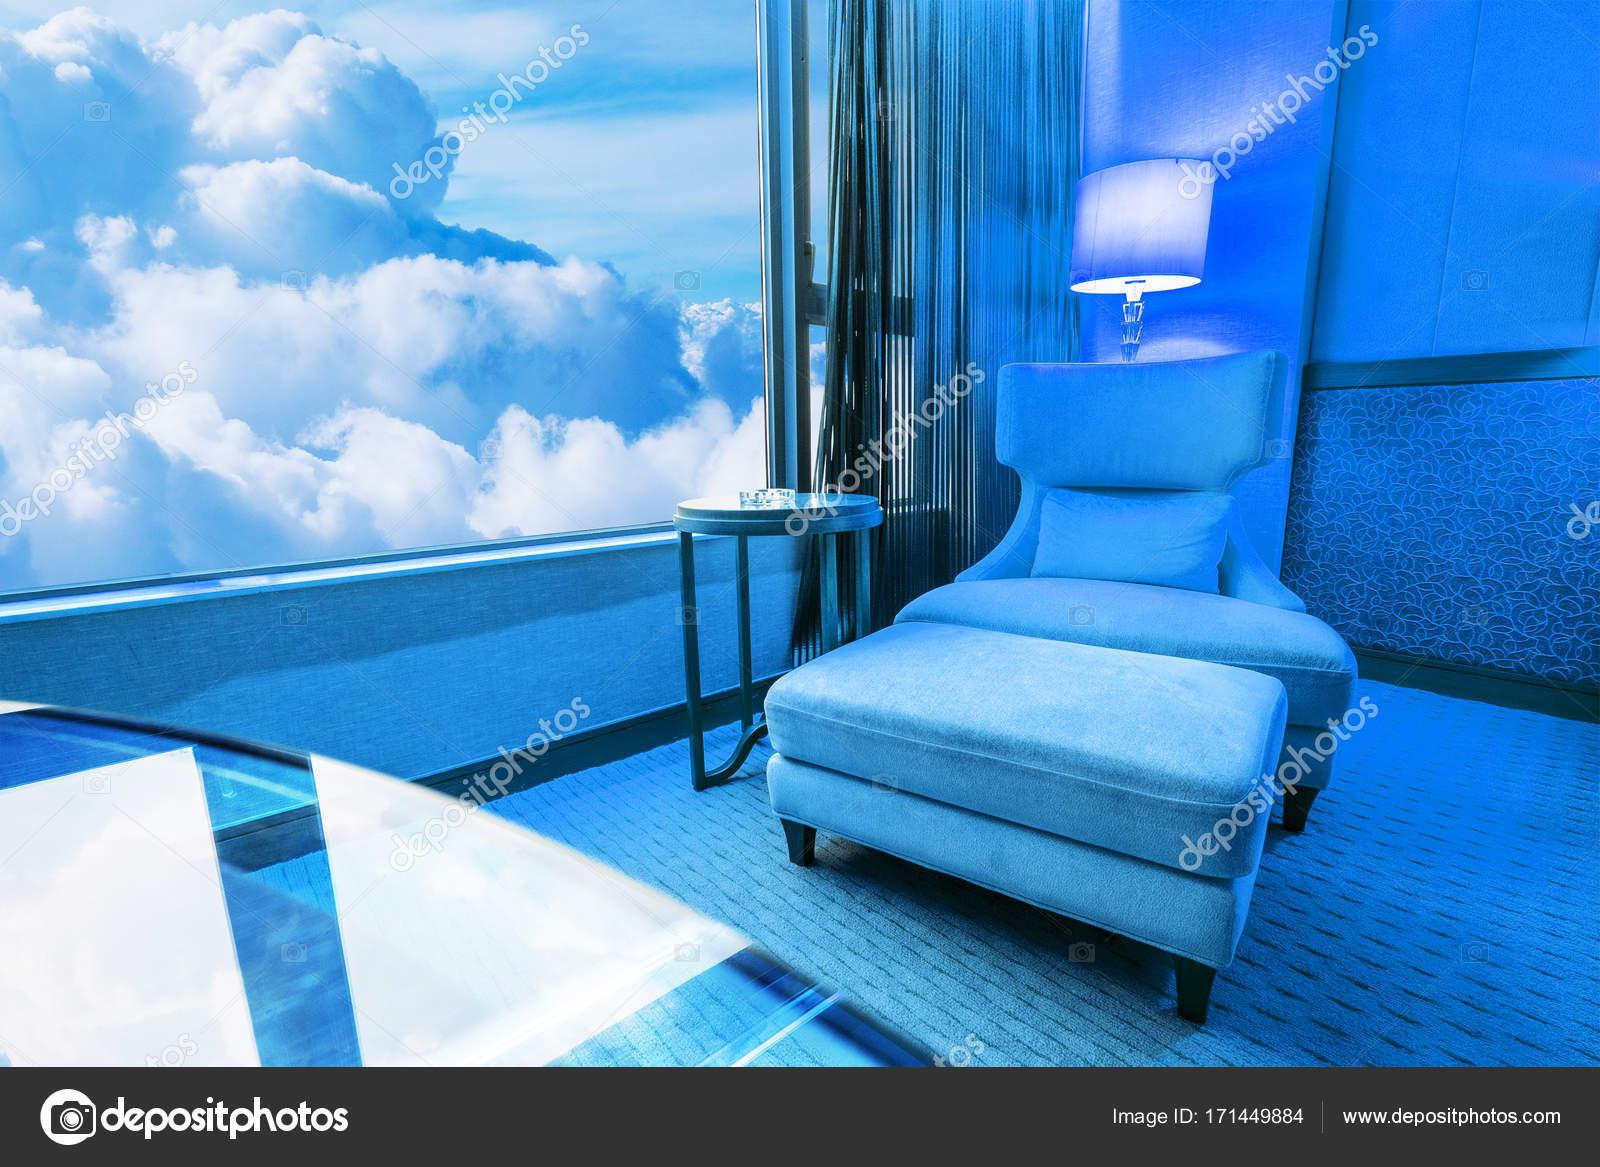 Blauwe kamer sofa in de woonkamer en de blauwe hemel u stockfoto